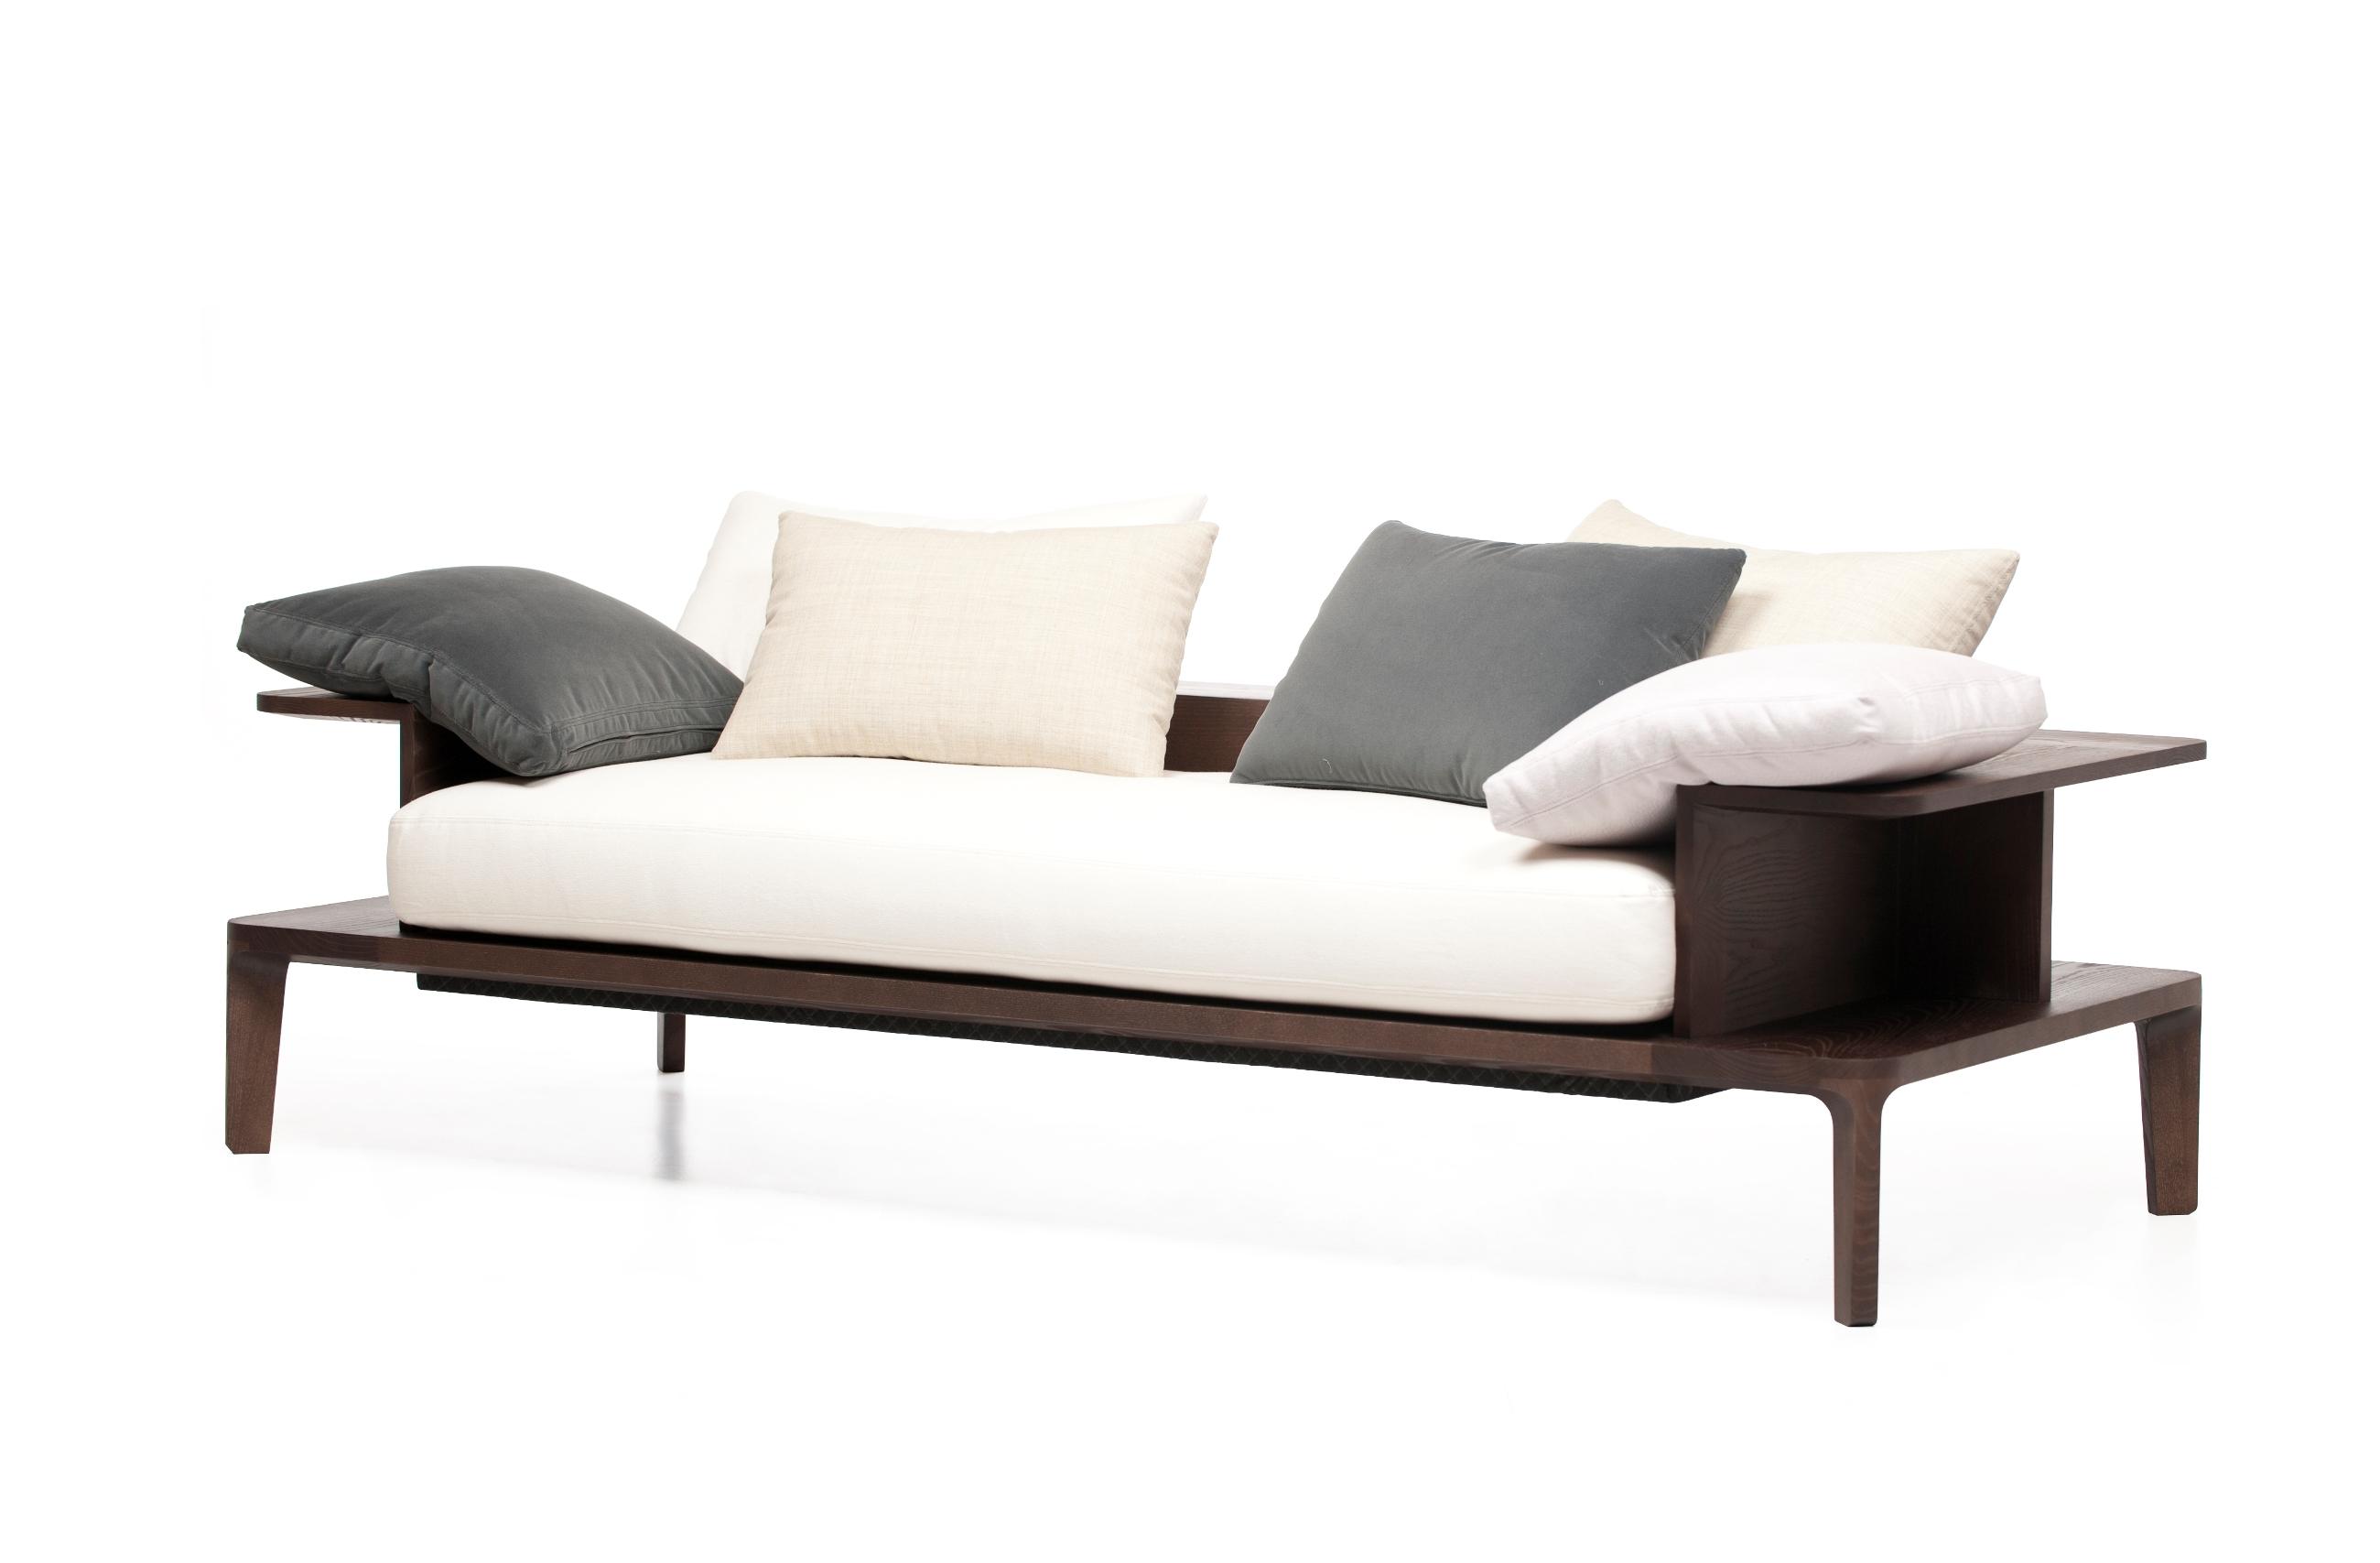 Китайская Дизайнерская Мебель В Интернет Магазине